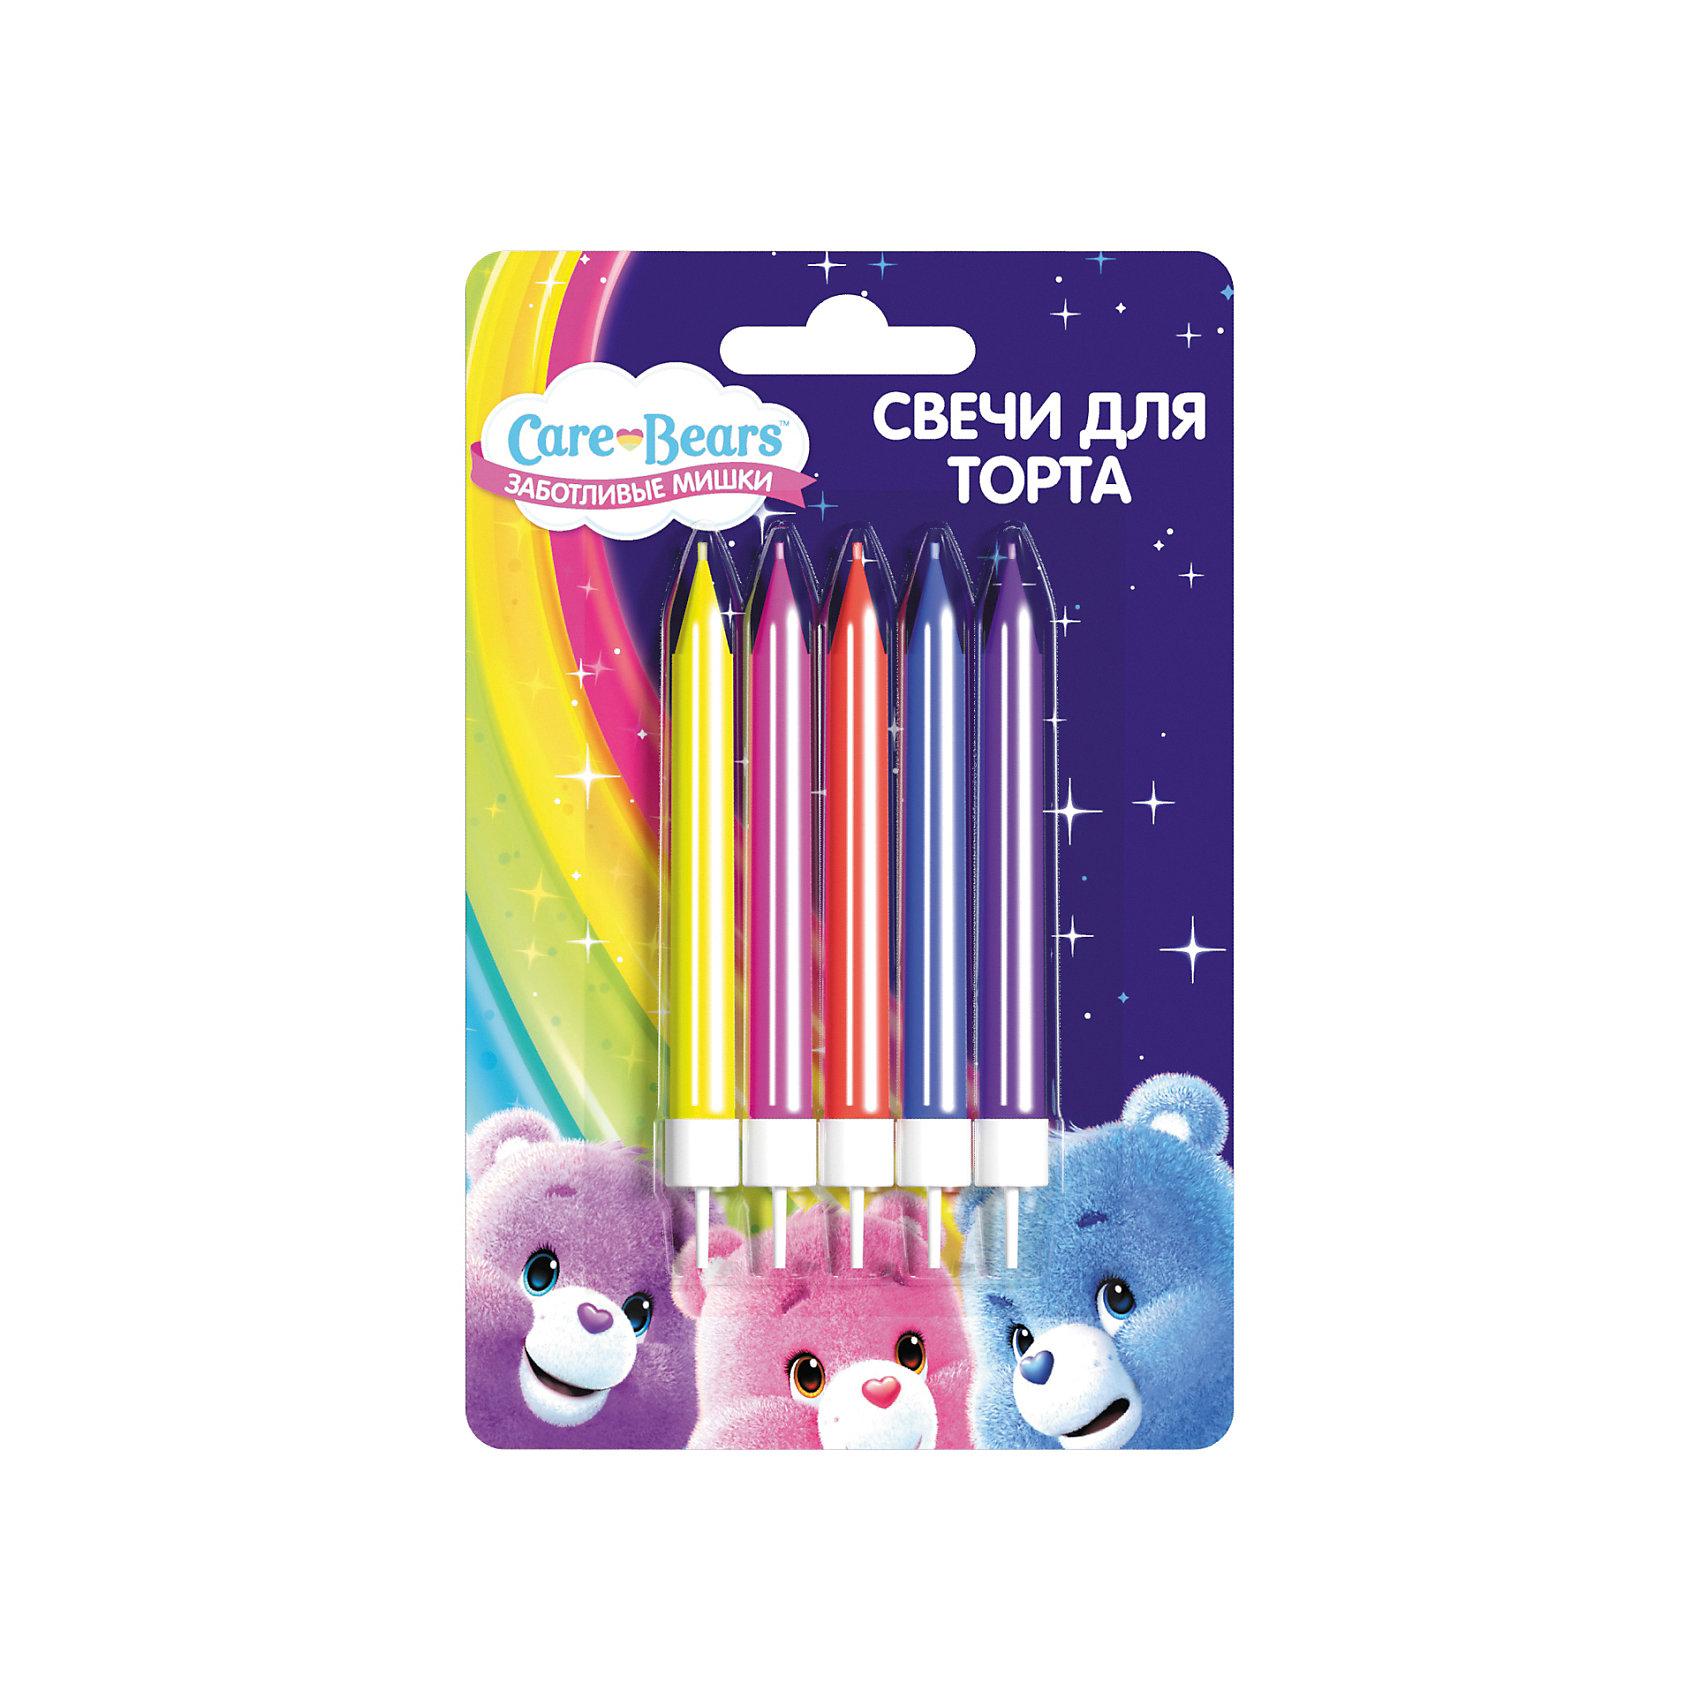 Набор свечей с держателем Росмэн Care Bears, 5 штДетские свечи для торта<br>Вкусный торт с разноцветными свечами порадует любого ребенка! Яркие, веселые огоньки развеселят именинника, а задувание свечей превратится в забавную игру. И в увлекательной игровой форме ребенок будет развивать свою дыхательную систему, активная работа которой способствует гармоничному физическому и умственному развитию. Поэтому задувать свечи, отодвигая их от себя все дальше и дальше, полезно не только в праздники, но и в повседневной жизни.&#13;<br>В наборе Заботливые мишки 24 разноцветные свечи для торта высотой 6 см с пластиковыми держателями. Свечи изготовлены из стеарина. Срок годности: 5 лет. Упаковка - блистер.<br><br>Ширина мм: 280<br>Глубина мм: 229<br>Высота мм: 273<br>Вес г: 20<br>Возраст от месяцев: 36<br>Возраст до месяцев: 2147483647<br>Пол: Унисекс<br>Возраст: Детский<br>SKU: 7127432